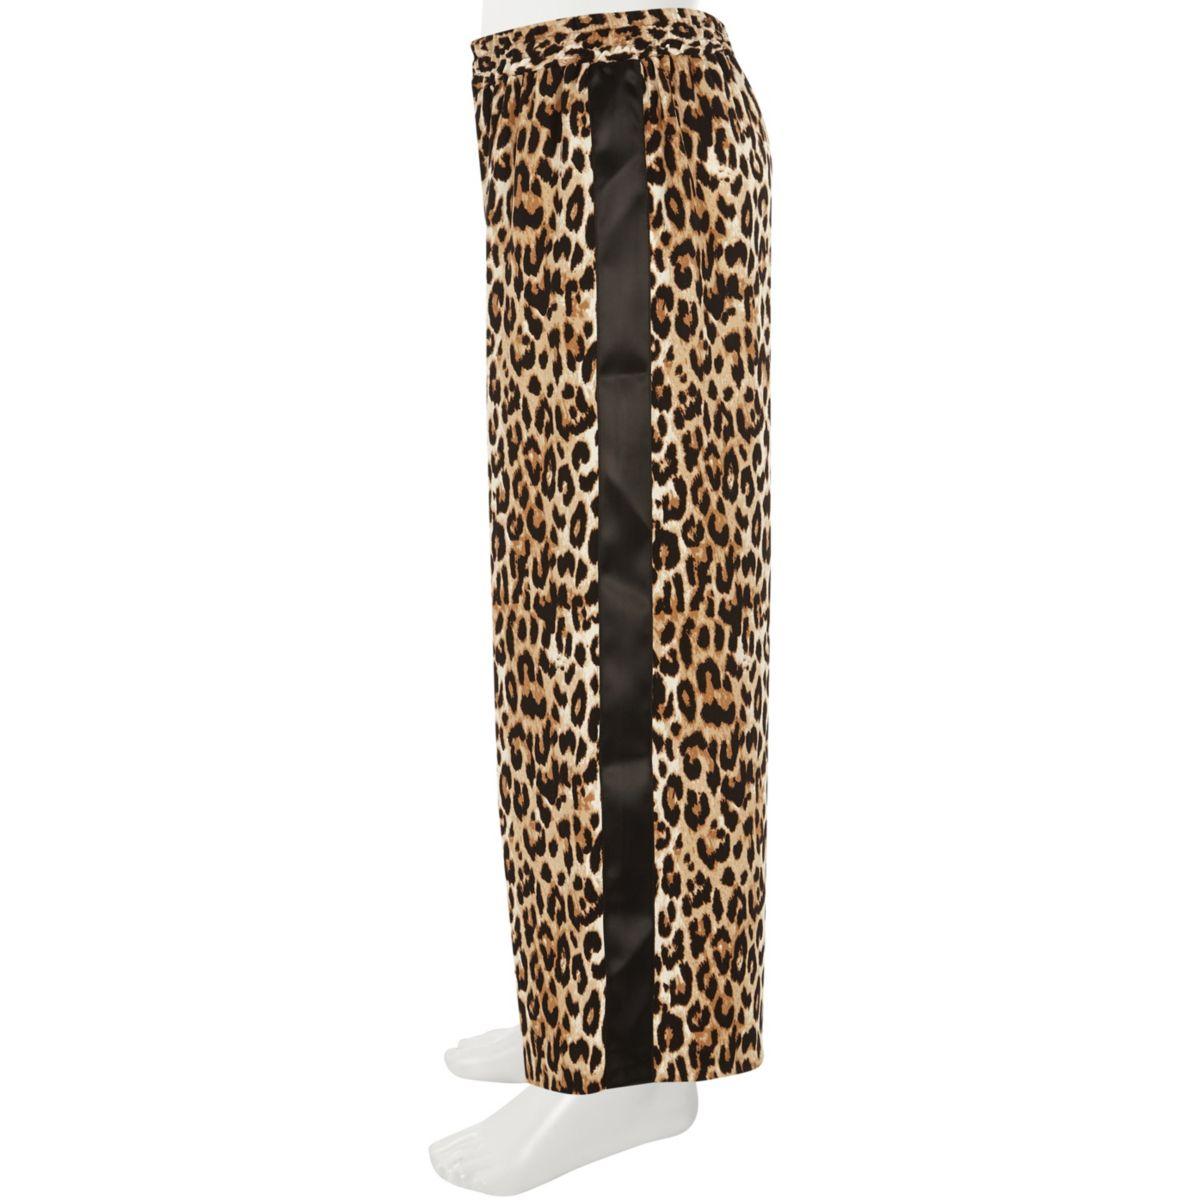 Palazzohose mit Leopardenmuster mit weiten Hosenbeinen